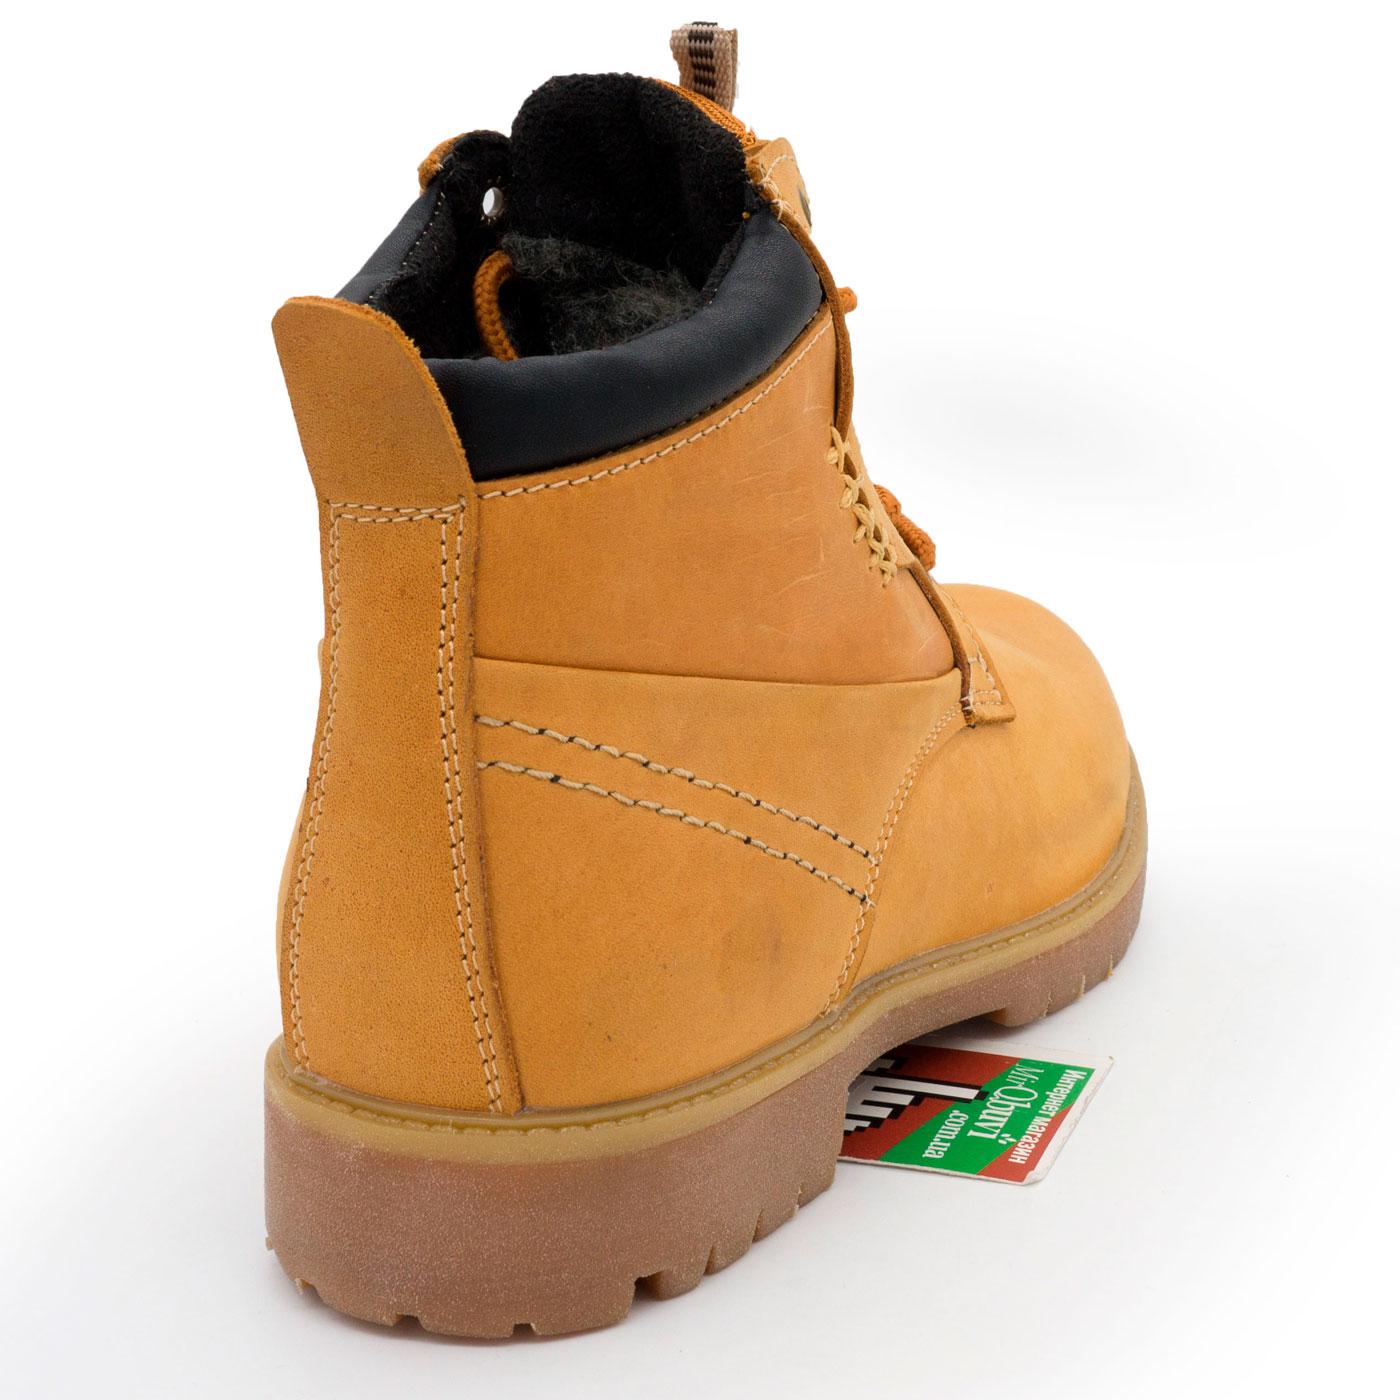 фото front Желтые кожаные женские ботинки Реплика Timberland 101 (Тимберленд)  front